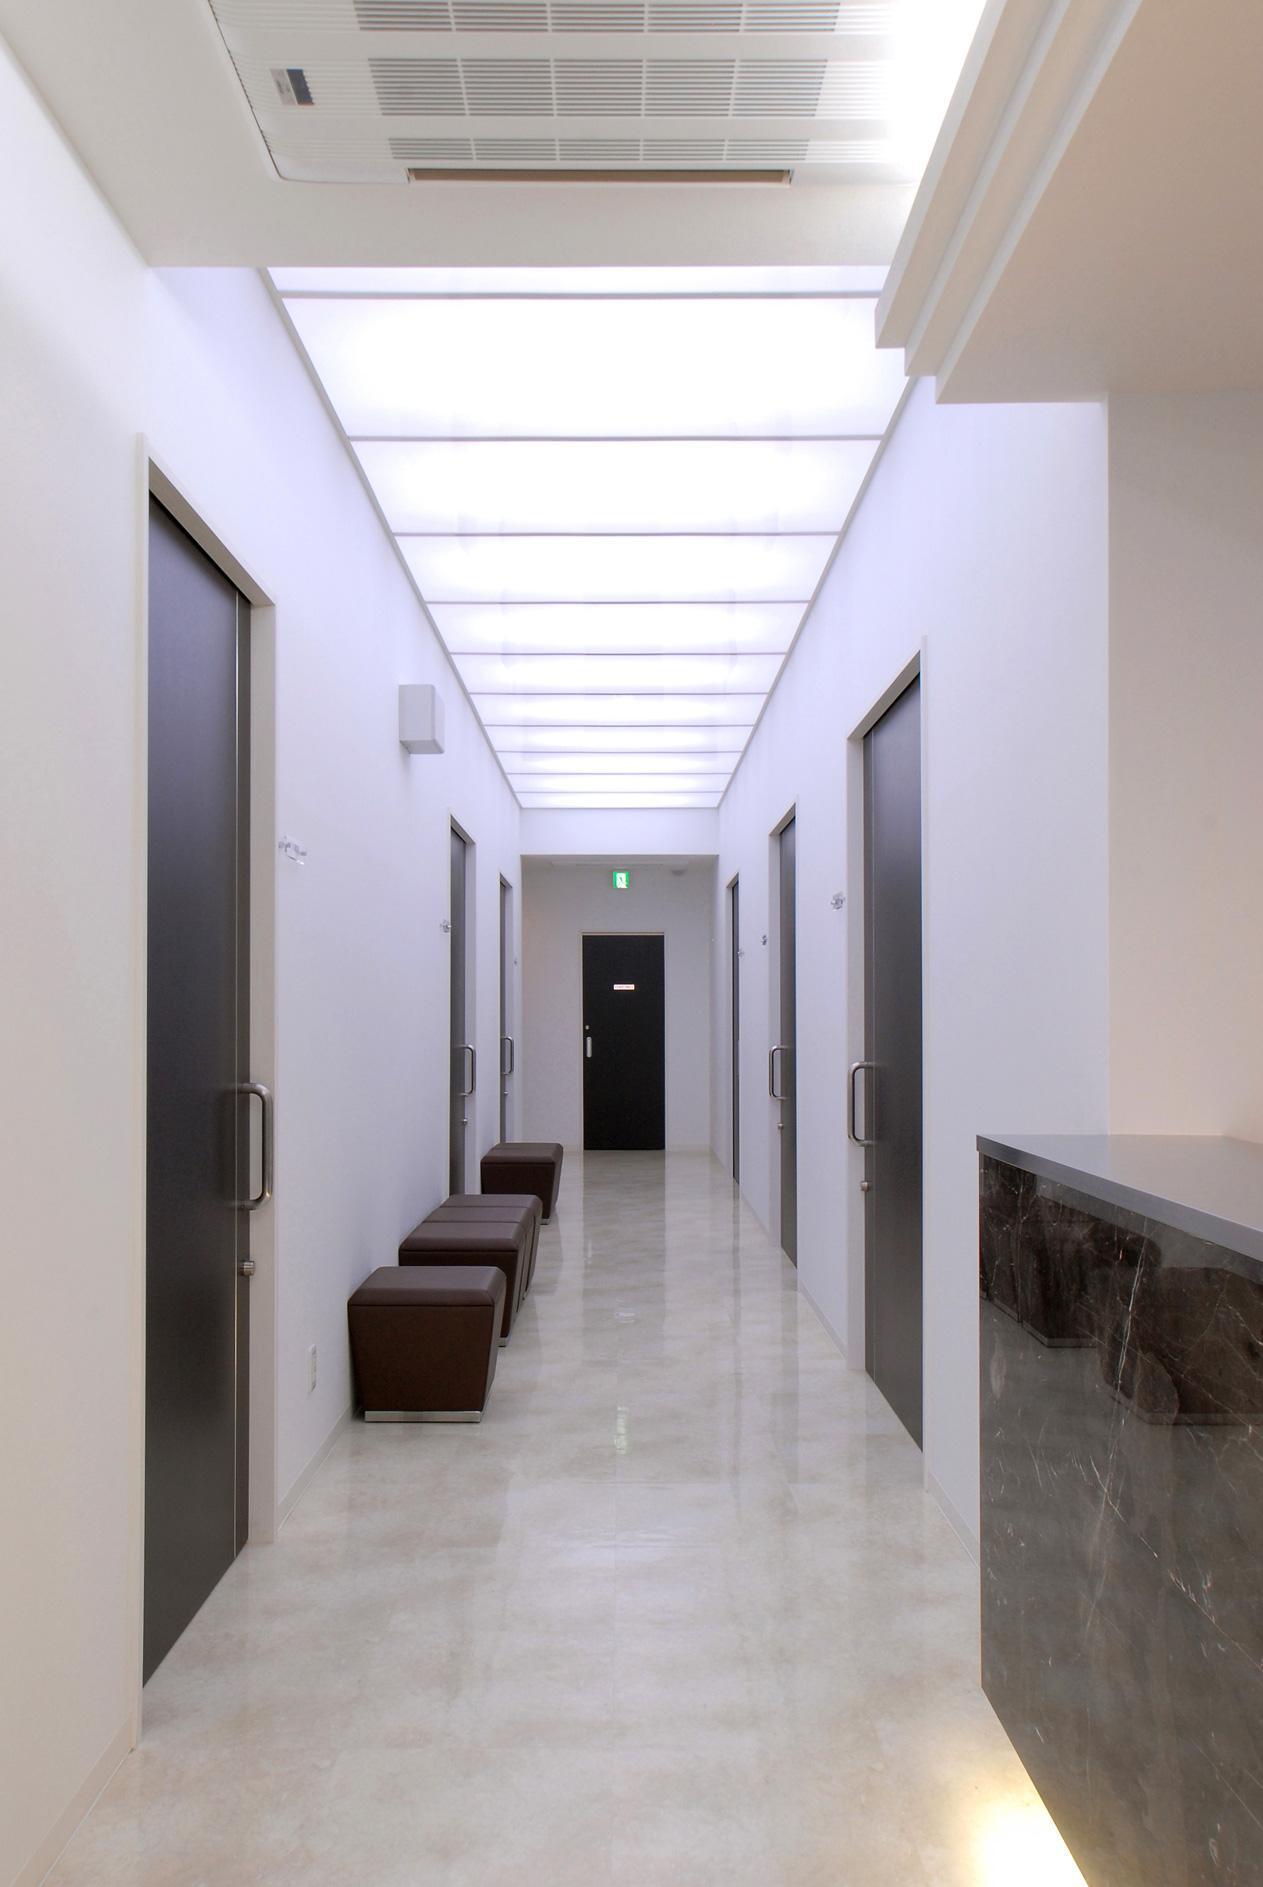 県立大学前クリニック~低く構えた シンプルなクリニック~の写真 クリニック廊下